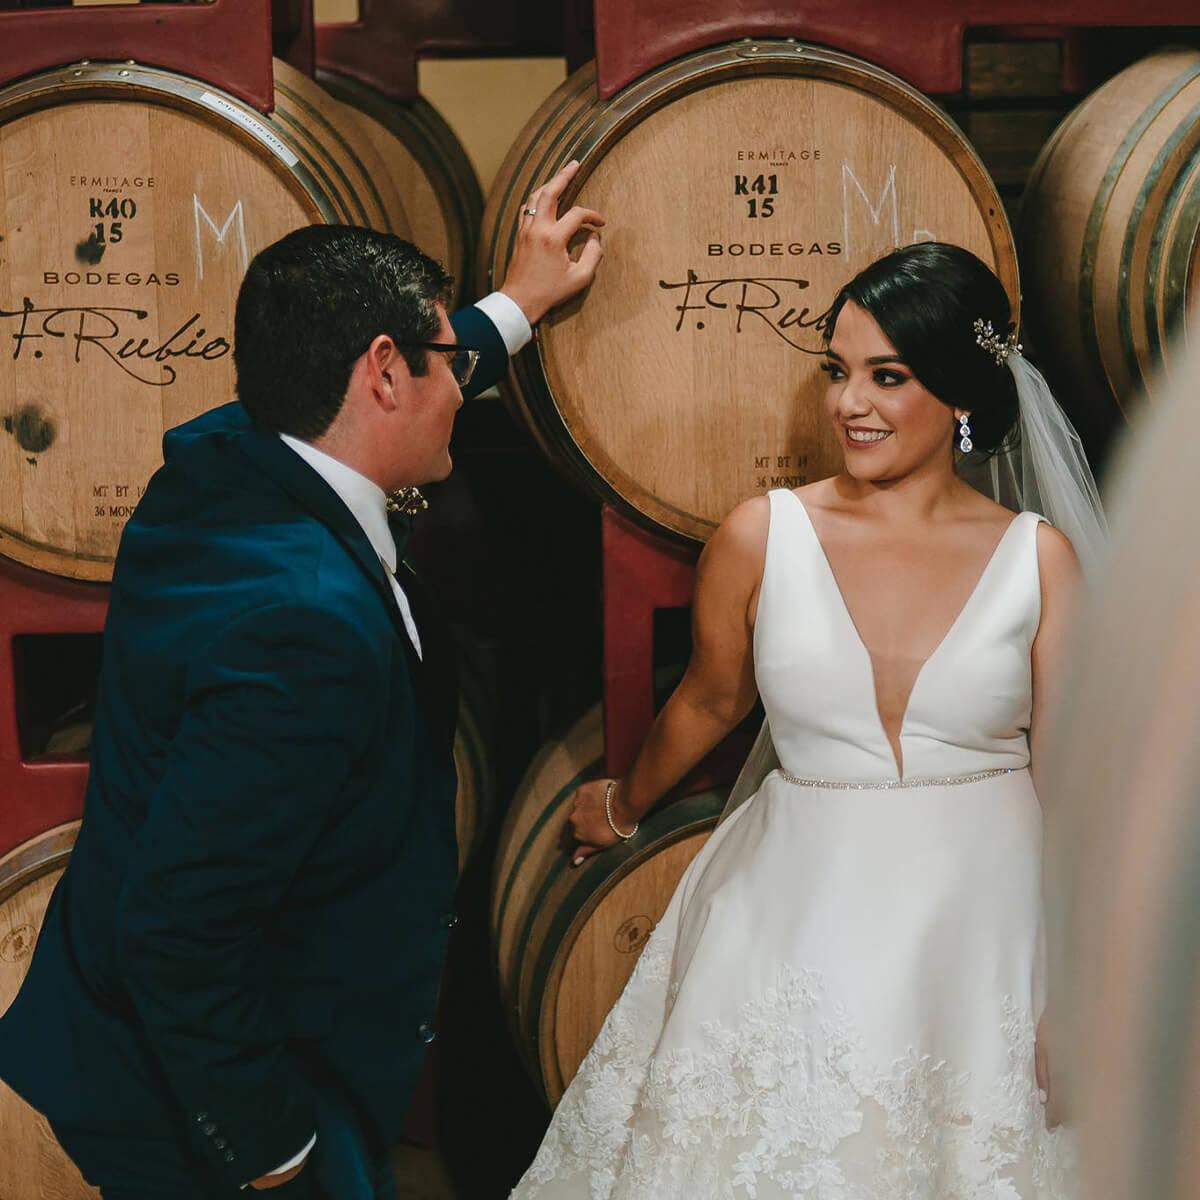 Pareja de recién casados frente a barricas de vino.